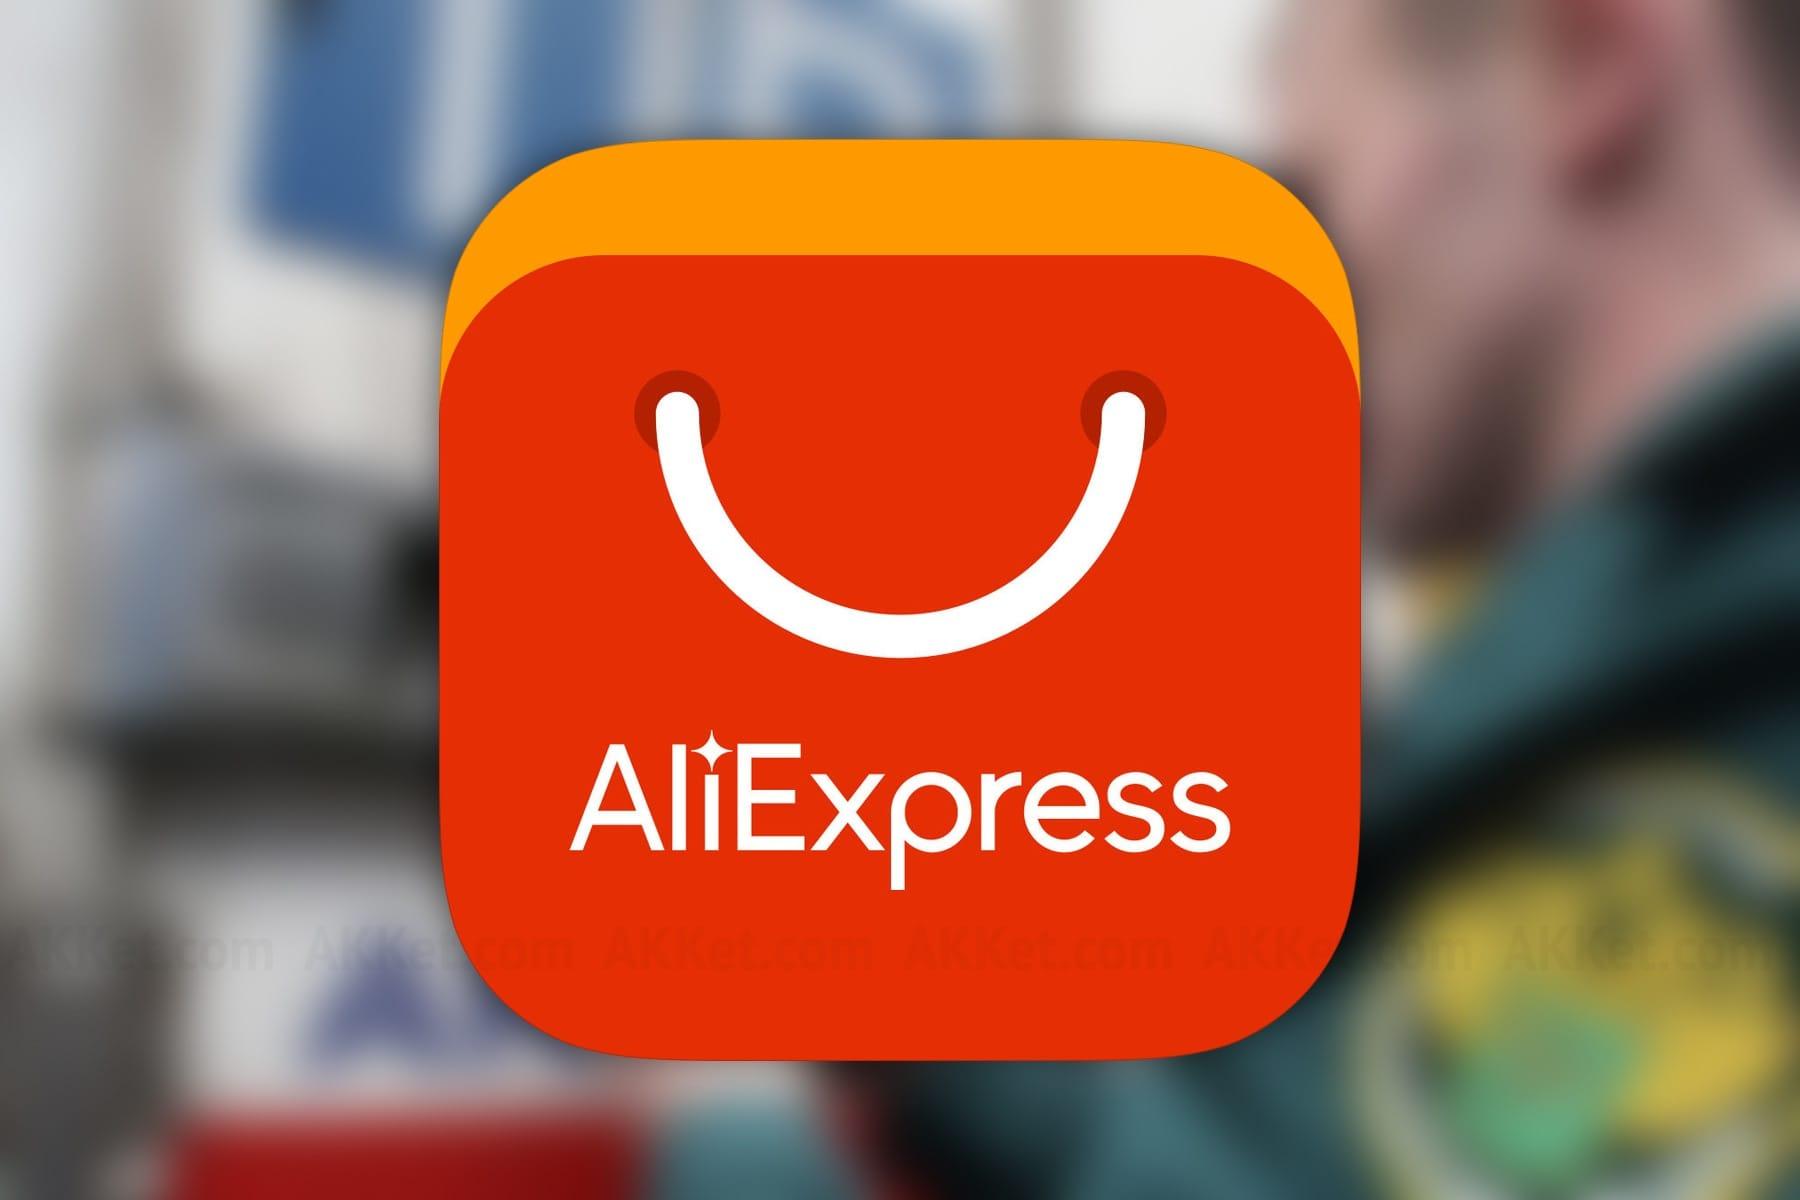 Эксперты Check Point обнаружили опасный баг на сайте AliExpress